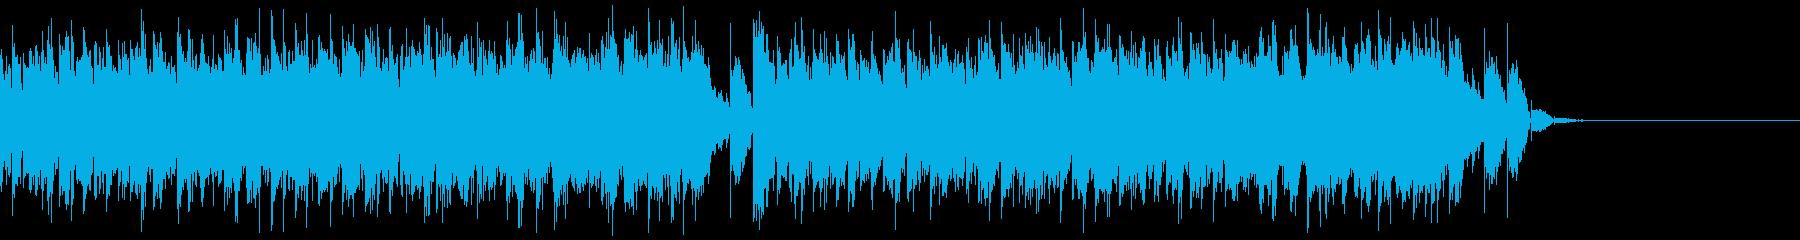 壮大で重厚なトランス -CMジングルの再生済みの波形